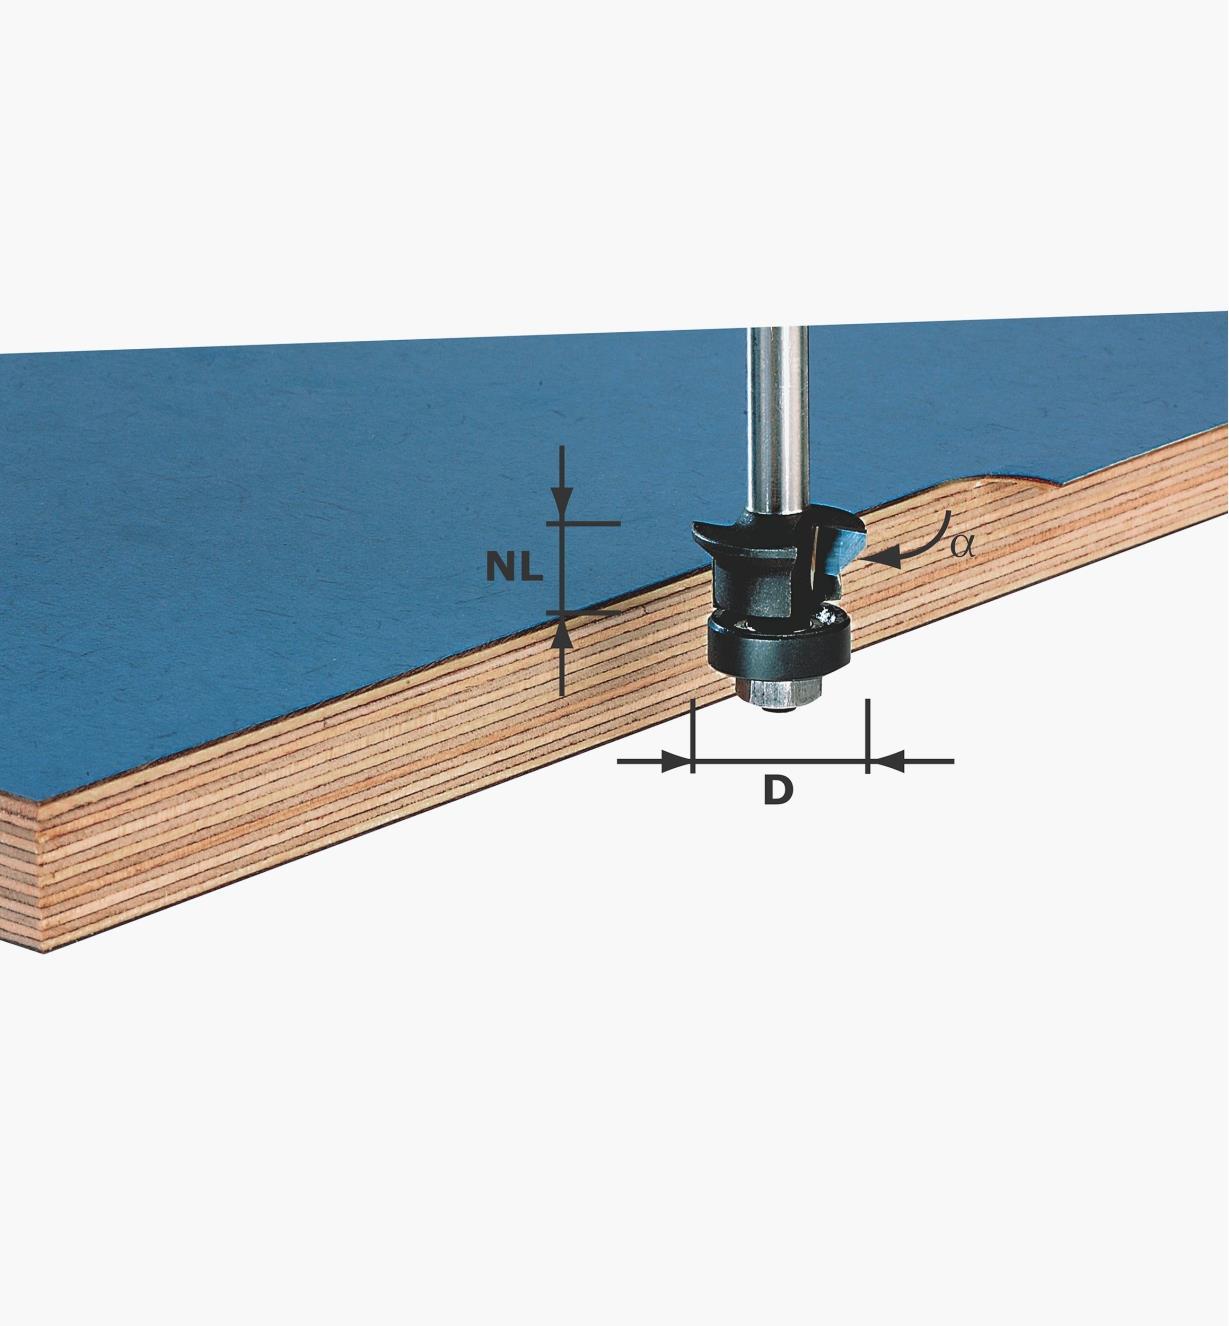 ZA491026 - Mèche à chanfreiner et affleurer diam. 24mm, H 11 mm, 0° ou 45°